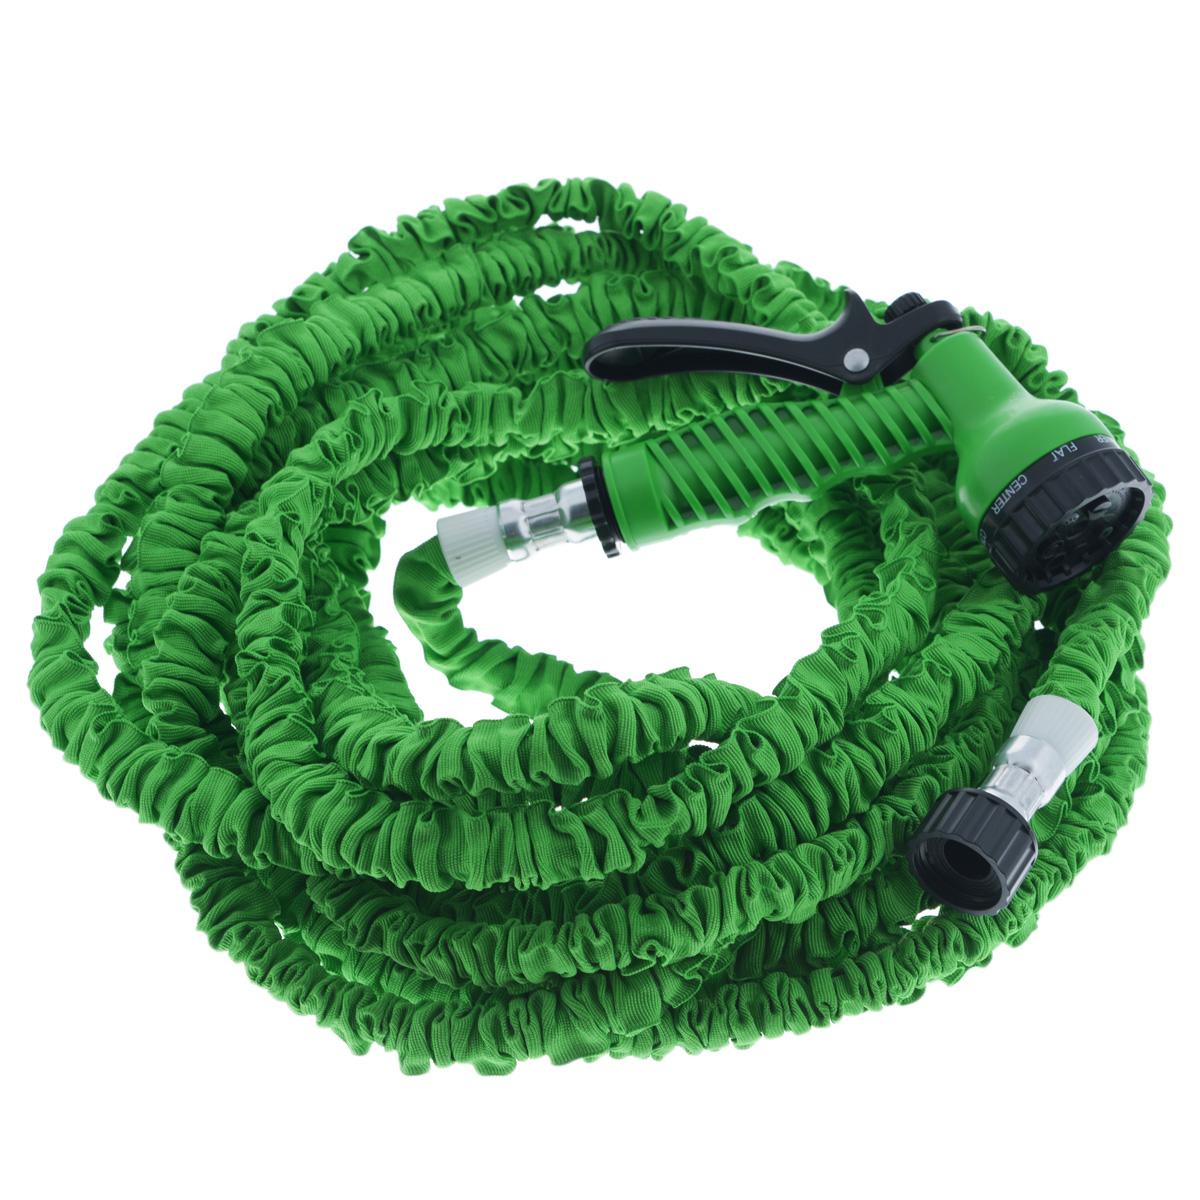 Шланг садовый Mayer & Boch, цвет: зеленый, 15-45 м45-4Садовый шланг Mayer & Boch - это прекрасный шланг, удлиняющийся в 3 раза. Подключите шланг к крану и можете приступать к использованию. Очень легкий вес, что делает шланг еще более удобным в эксплуатации. Внутри шланг выполнен из латекса, снаружи полиэстер. Шланг подходит как для полива рассады, цветов, газонов, так и для мытья машины.Особенности: - удобный и легкий, - растягивается в длину при поступлении воды, - автоматически возвращается в исходный размер, - подключается к стандартным кранам, - не перекручивается, не заламывается, не путается, - гибкий, - удобная сборка, - удлиняется в 3 раза.Распылительные насадки в комплект не входят.Длина шланга без воды: 15 м.Длина шланга при наполнении водой: 45 м.